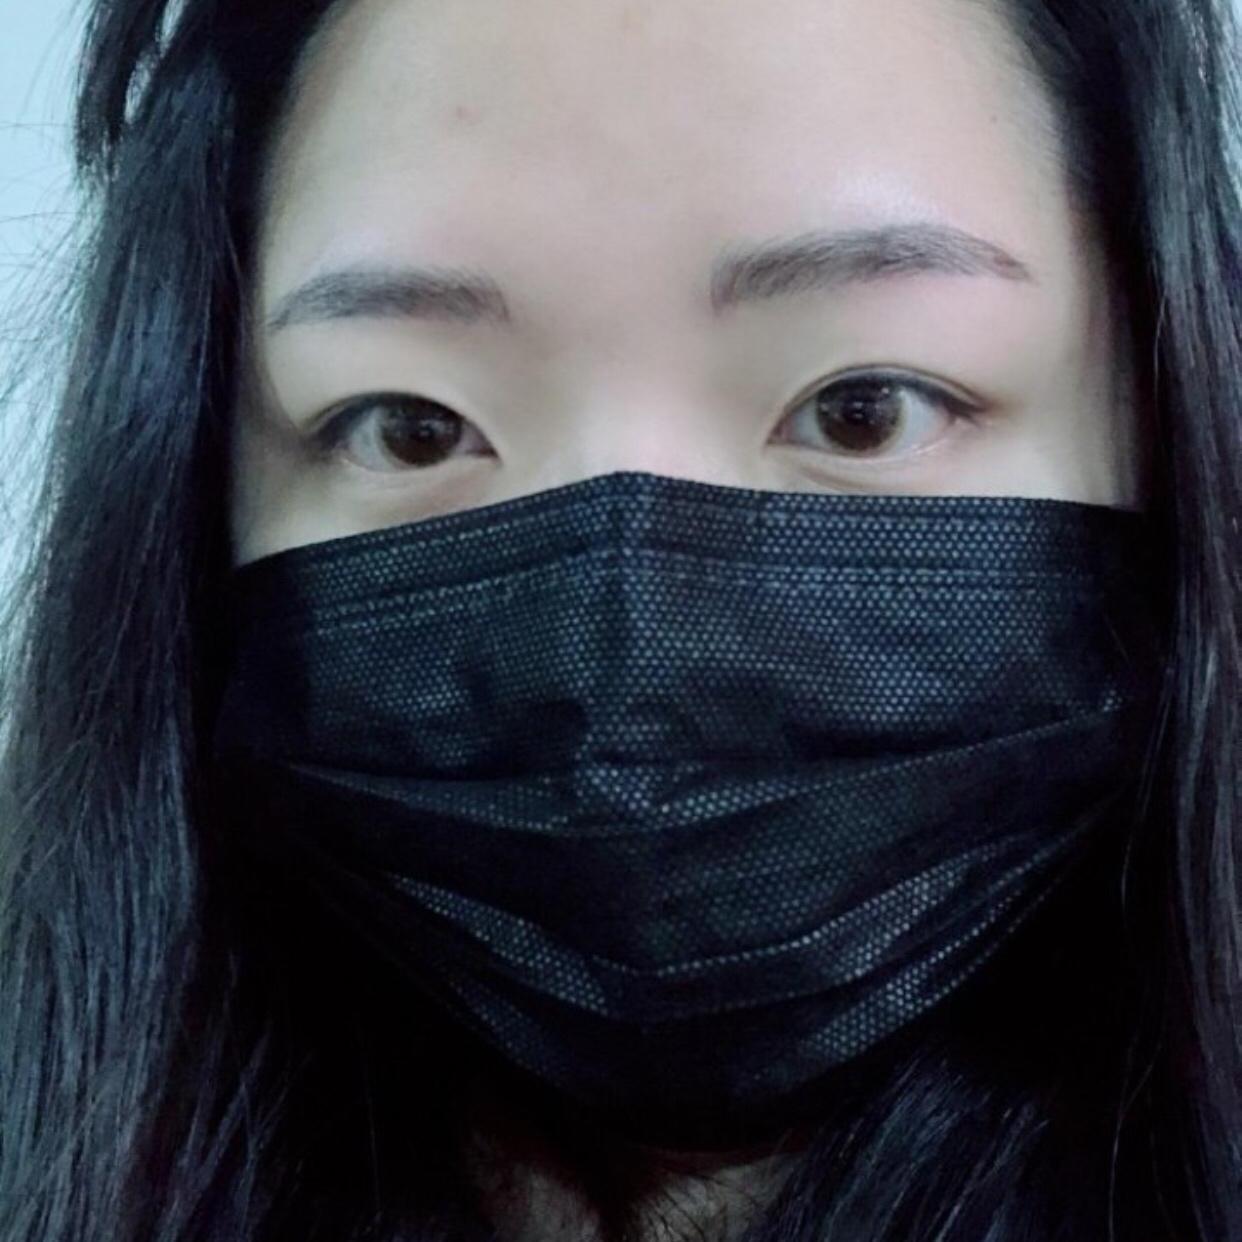 在韩国朱诺做了双眼皮修复加提肌还有后眼角下至,效果很满意~